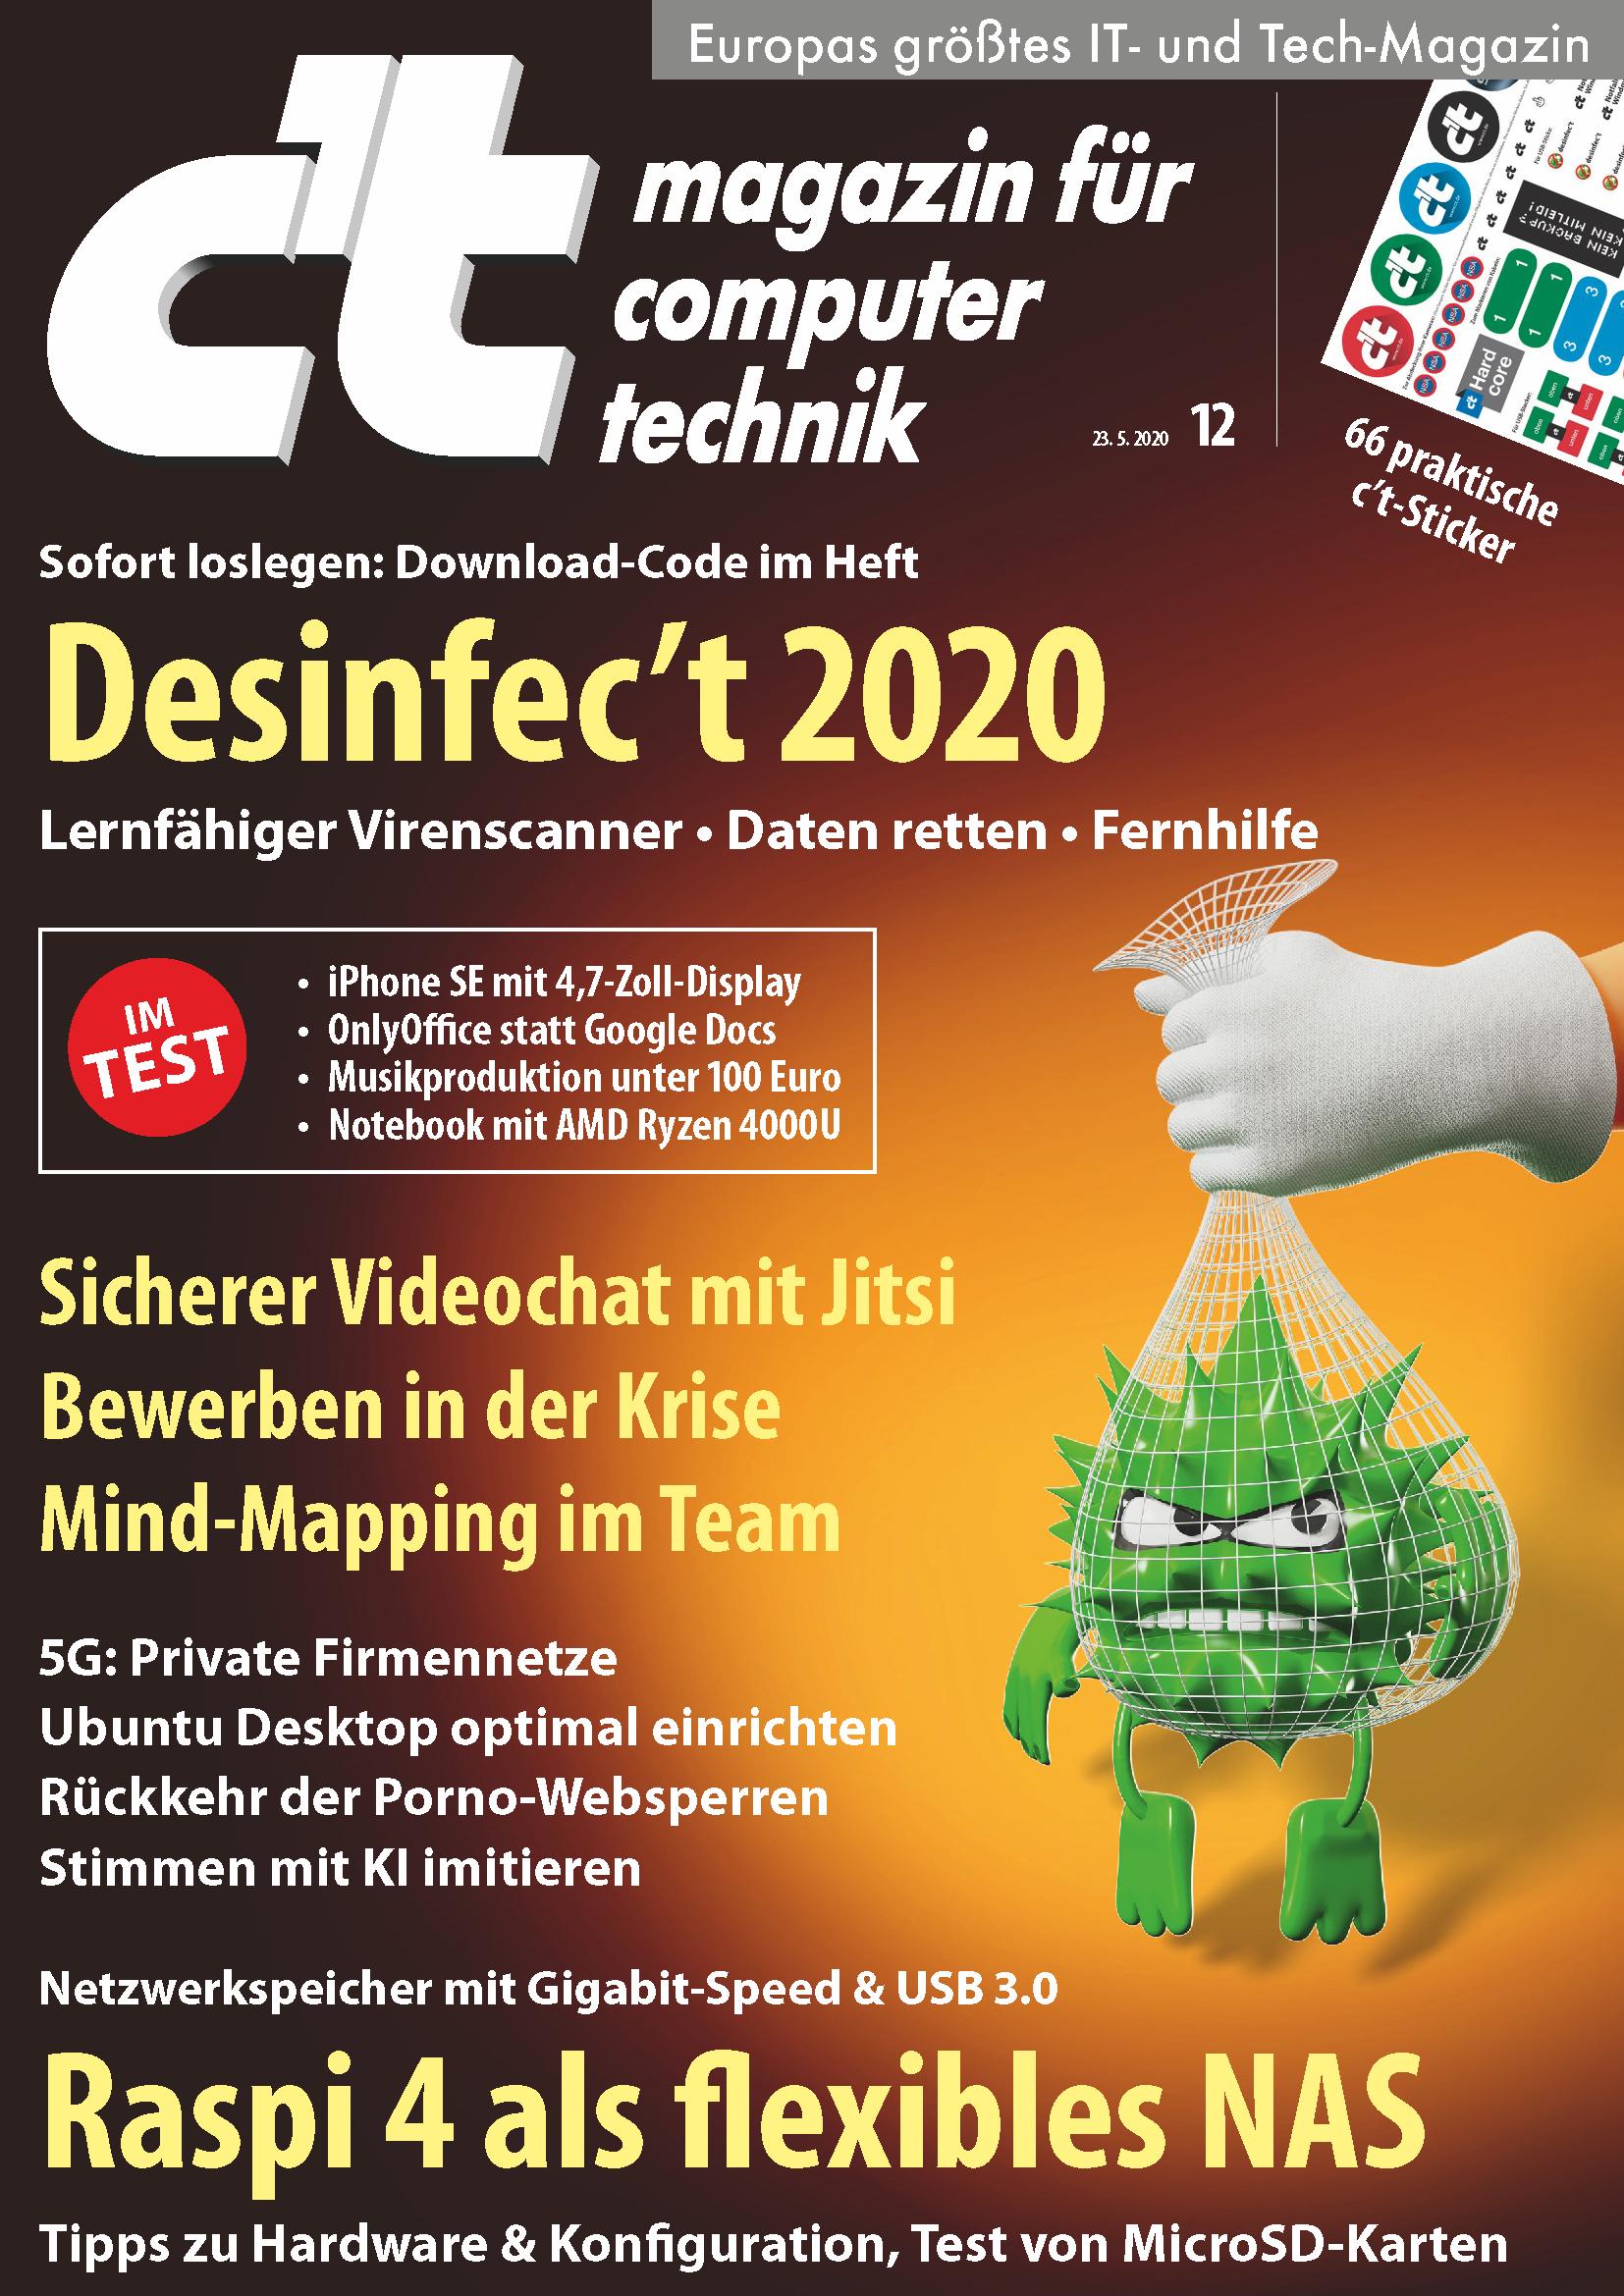 [Heise] c't (6 Ausgaben inkl. c't 12/20 mit Desinfect Software) für 20,70€ mit 15,00€ Amazon-Gutschein + c't Sonderheft Smart Home